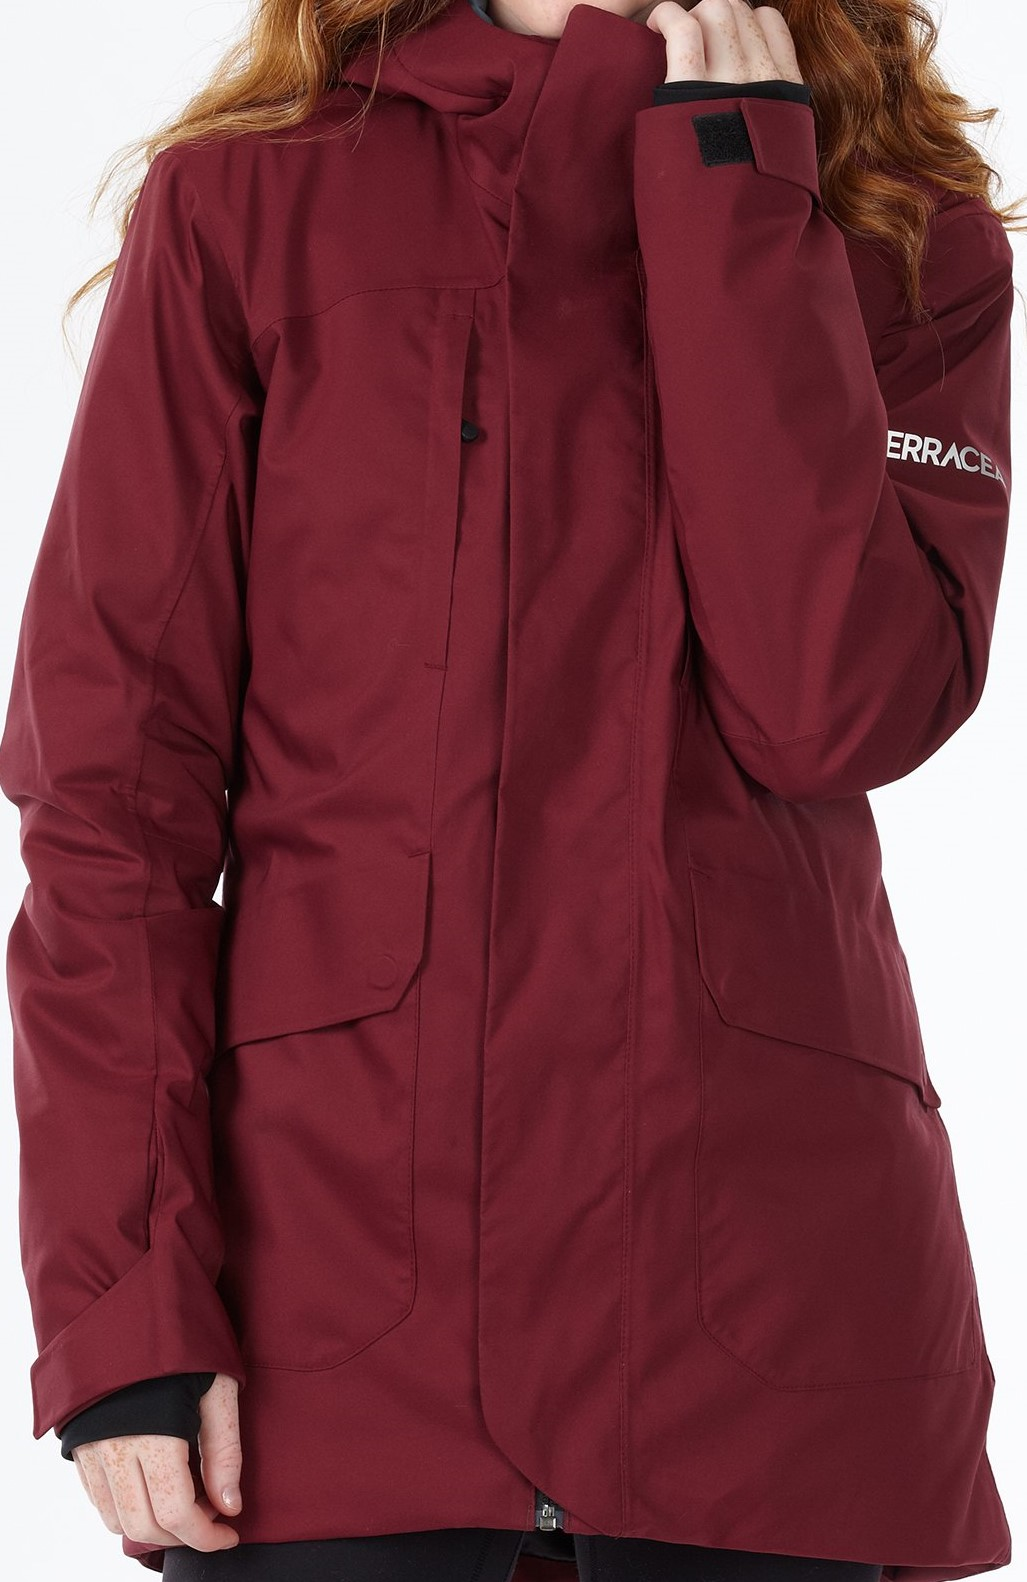 image terracea-huntington-insulated-jacket-jpg